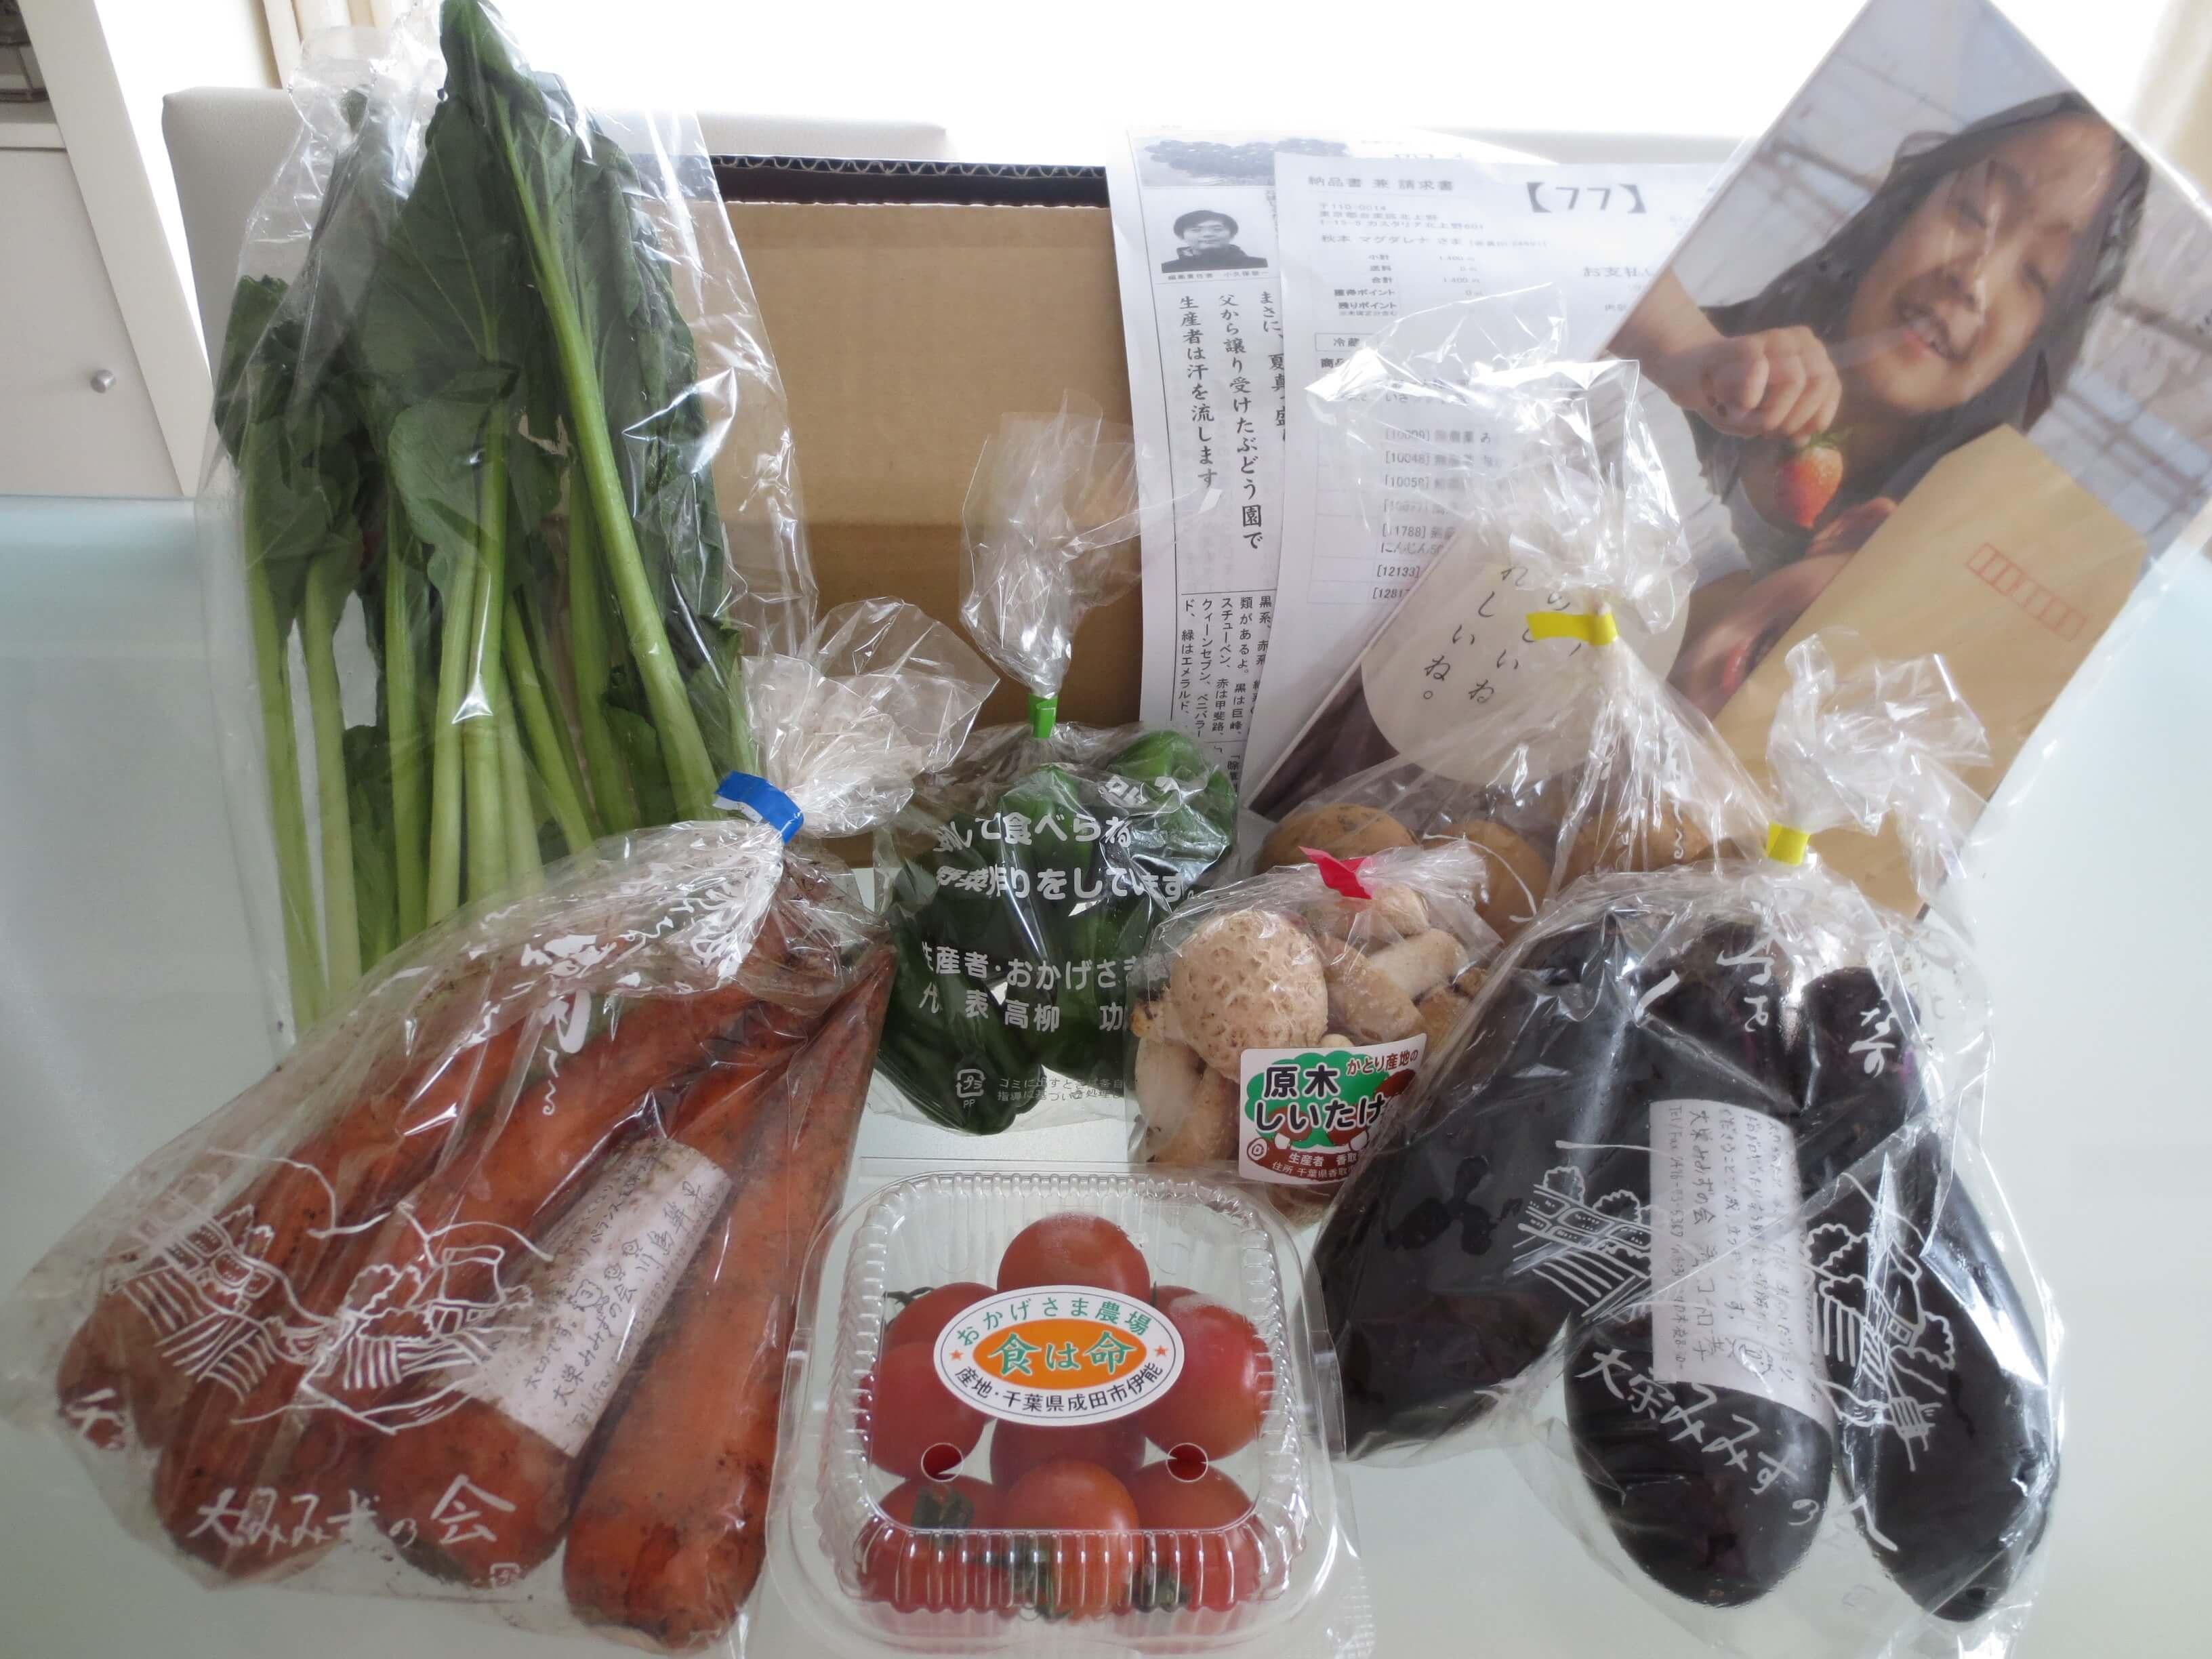 無農薬野菜のミレーお試しセット口コミ4